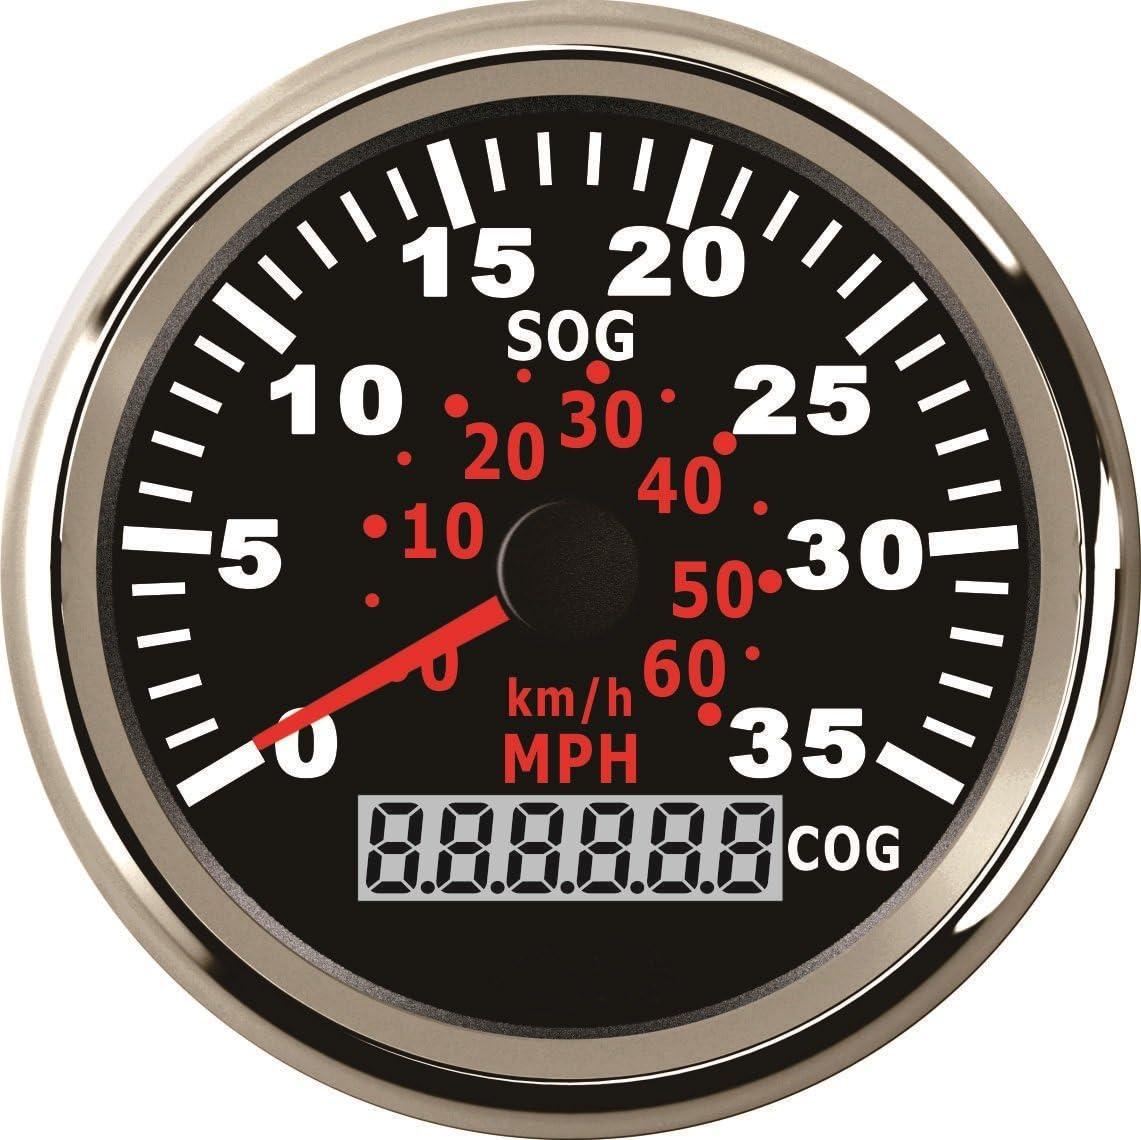 ELING Velocímetro GPS 0-35MPH 0-60km/h Indicador de velocidad con rumbo para embarcaciones de yates con retroiluminación 3-3/8 pulgadas (85mm) 12V/24V